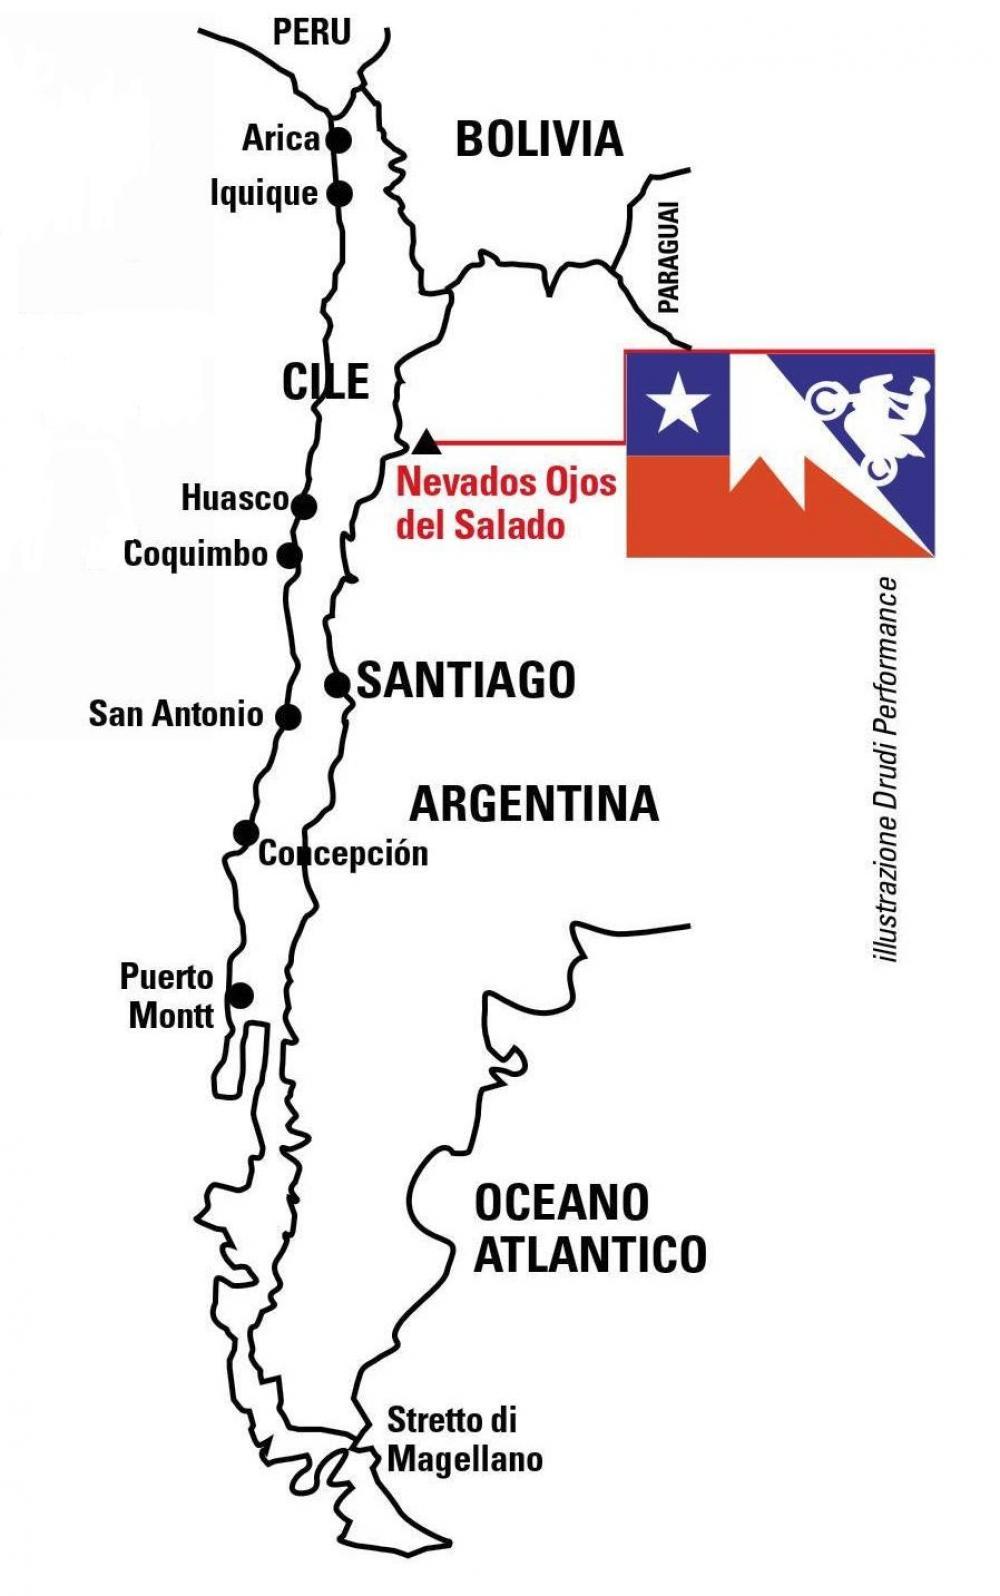 """La """"Scalata dei record"""" è un'impresa alla caccia di tre record di """"motociclismo in altura"""" tentata da un team di cui fa parte il nostro tester, Francesco Catanese. La moto è una Honda Africa Twin, il luogo è il Nevado Ojos de Salado, il vulcano attivo più alto del mondo (6.890 m), al confine nord tra Cile e Argentina. Geolocalizzazione"""